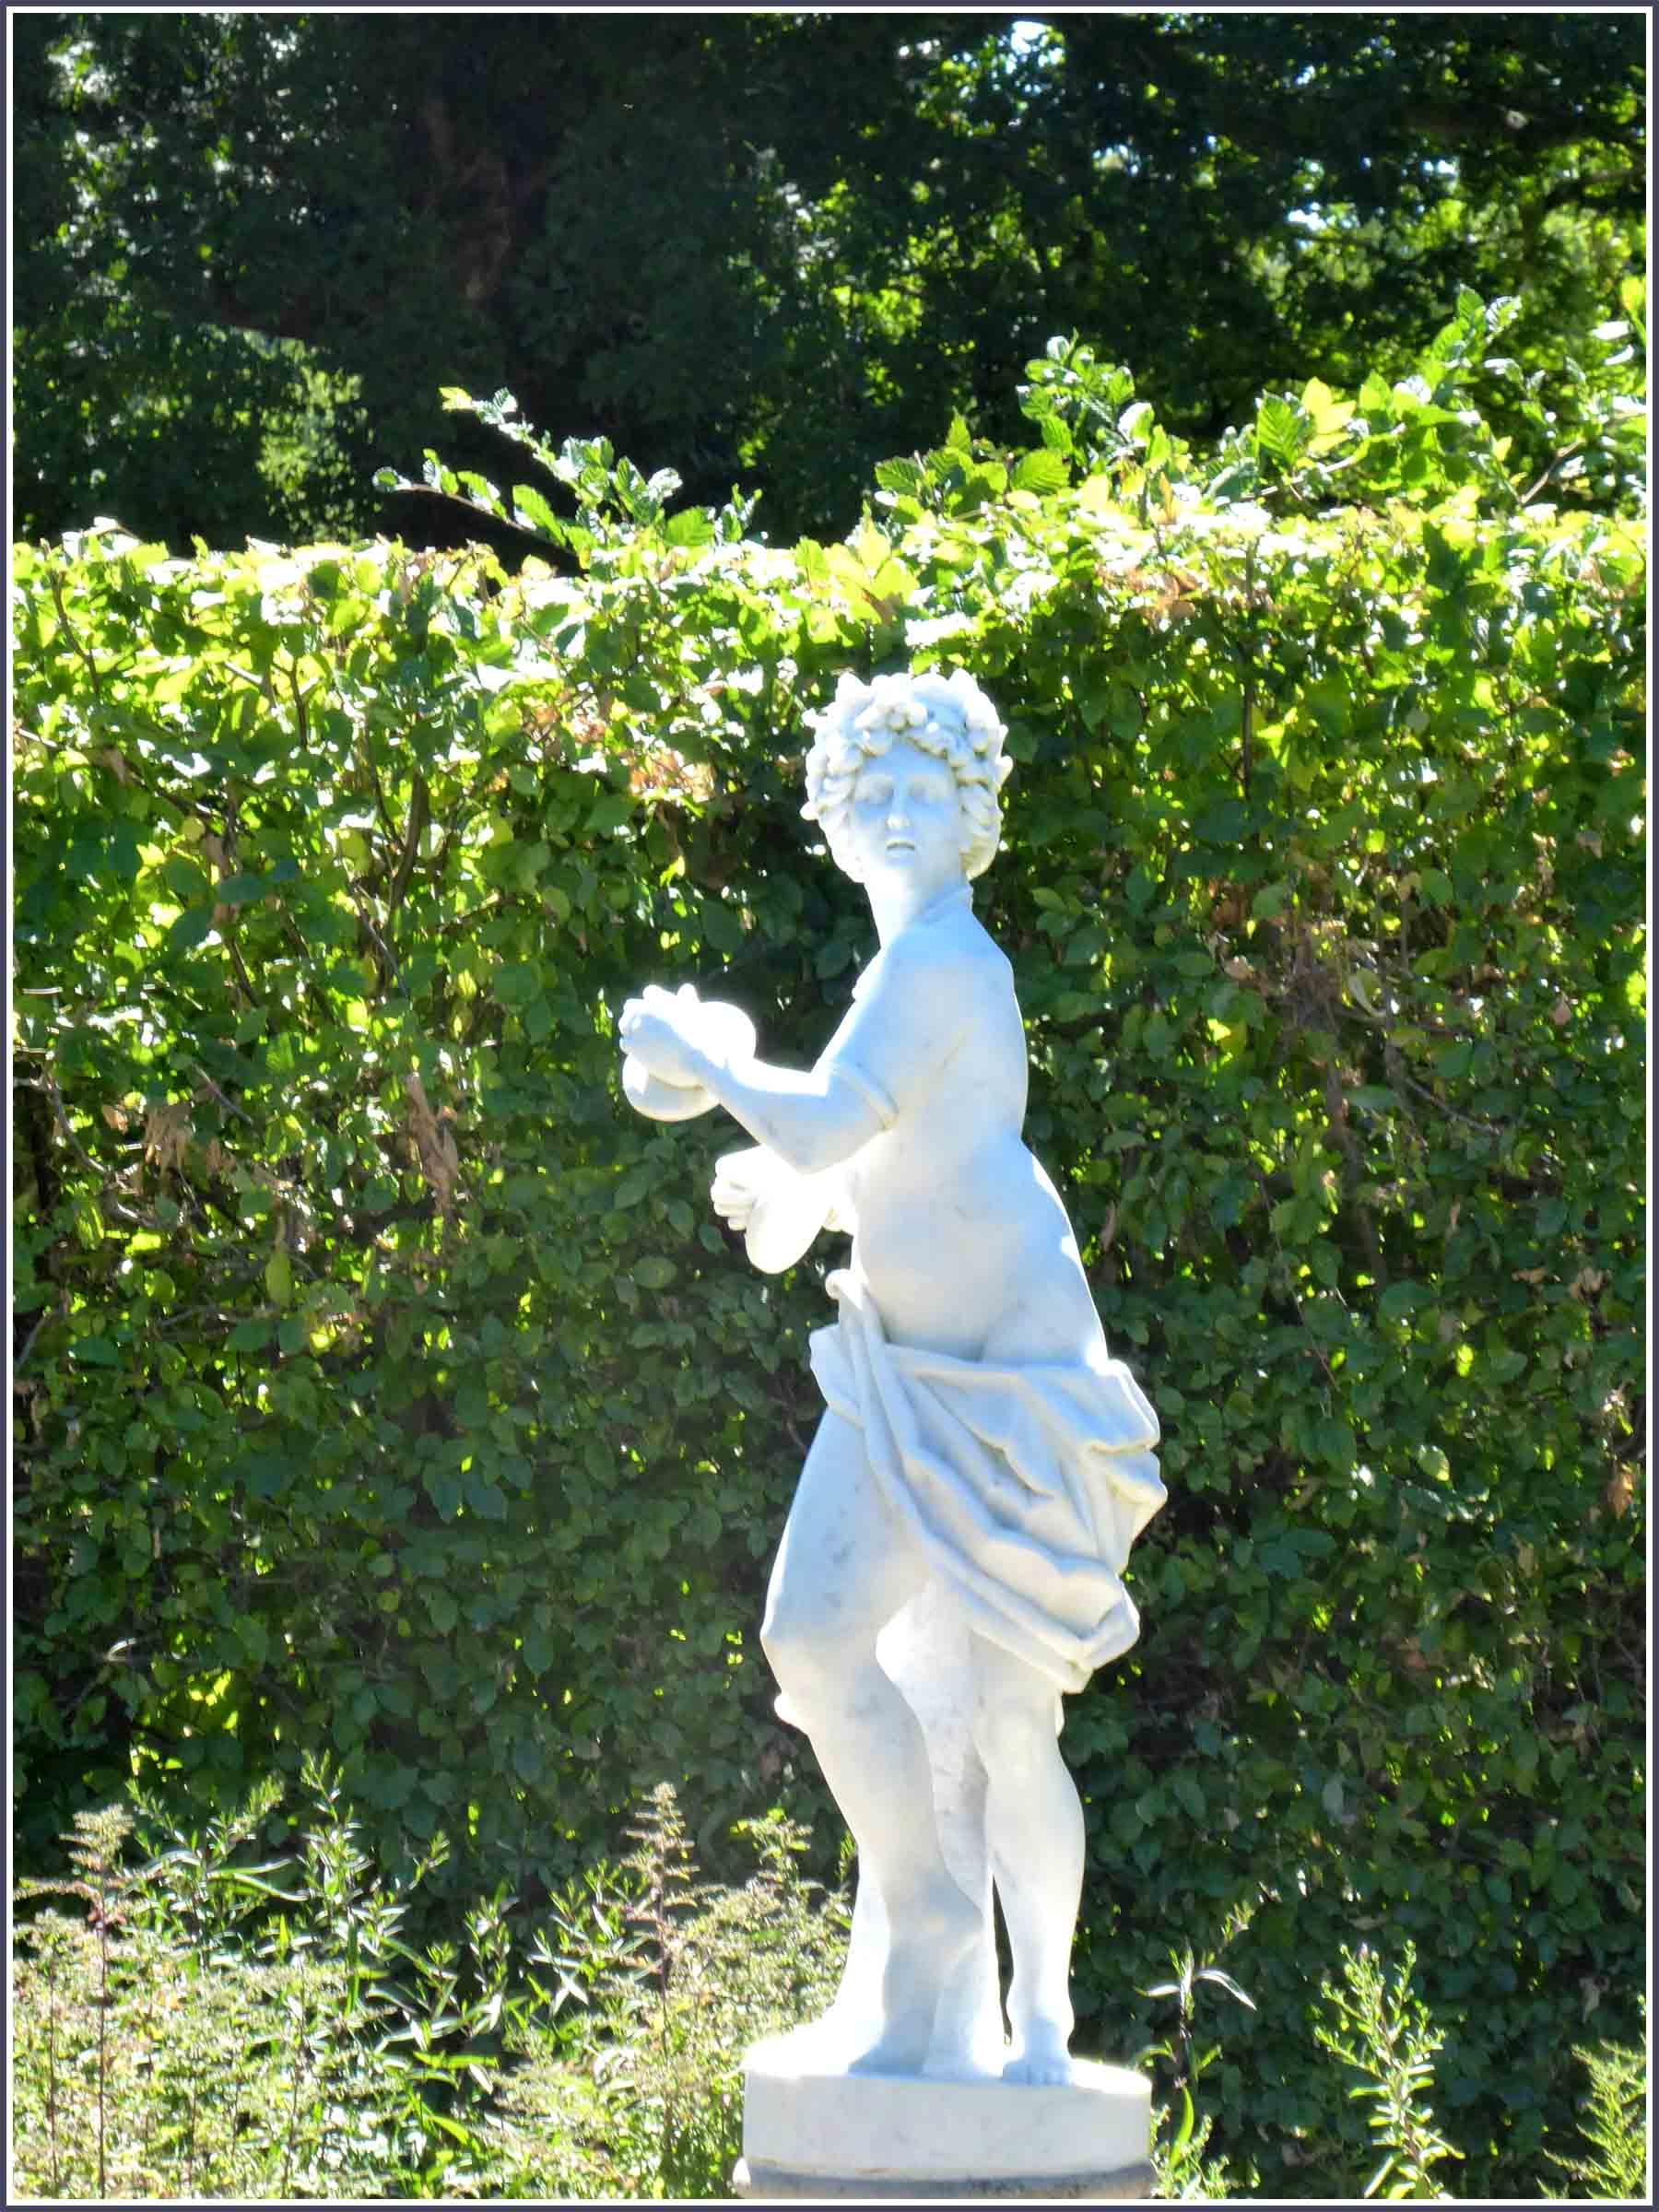 White classical statue